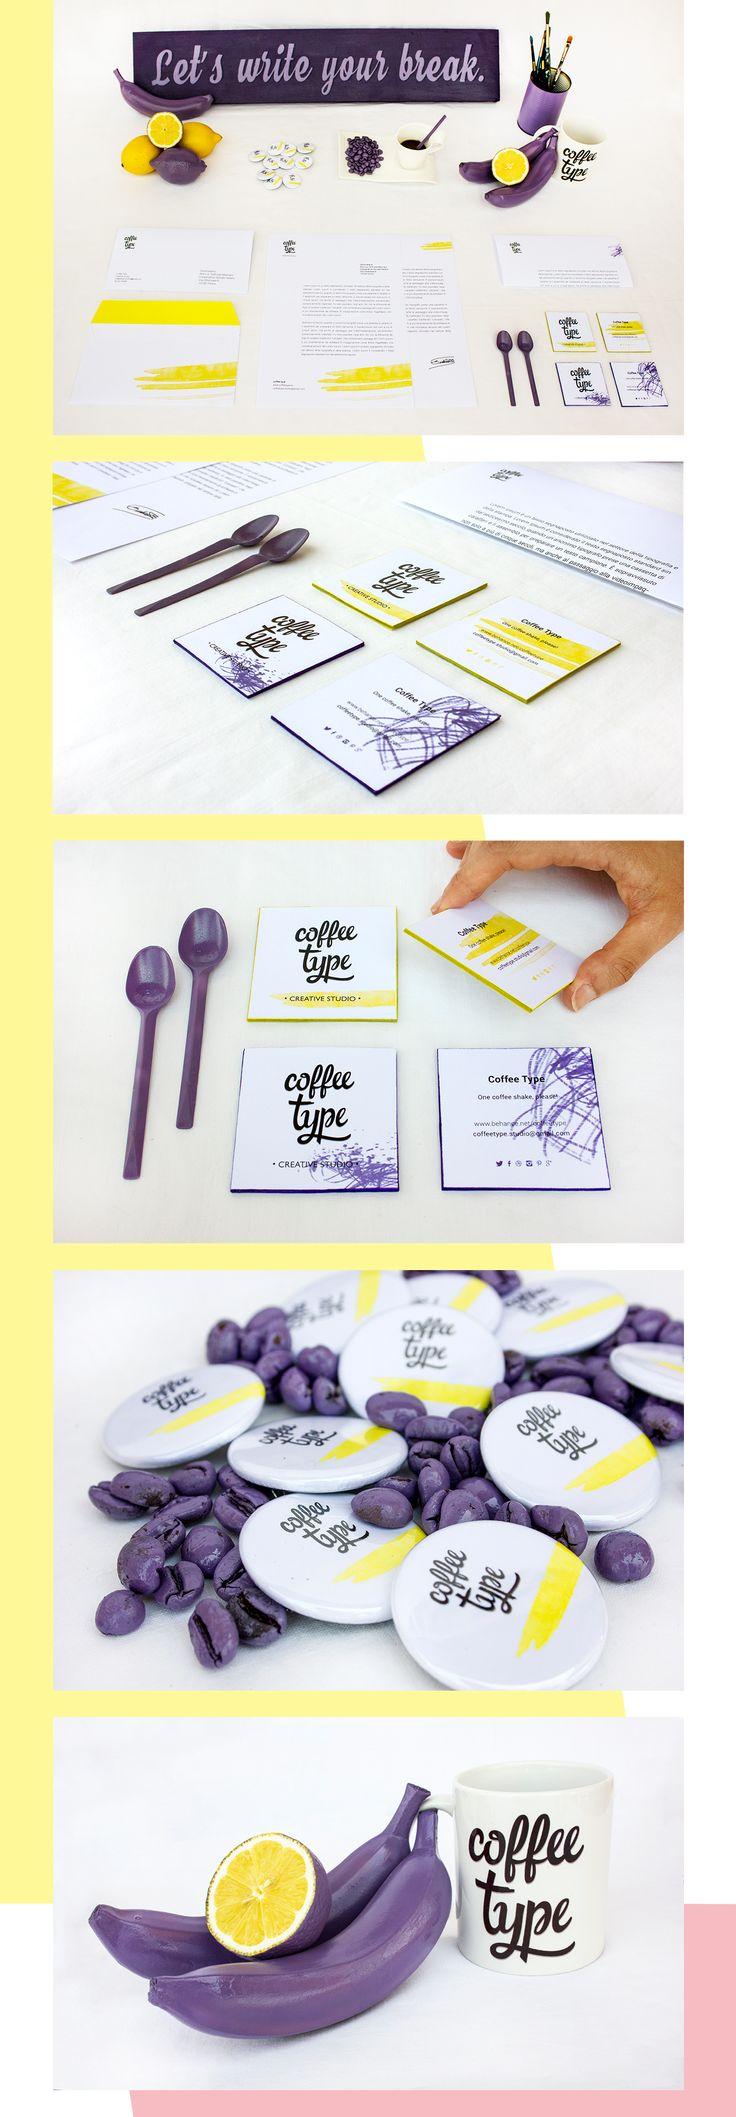 Coffee Type - Creative Studio | Identity on Behance